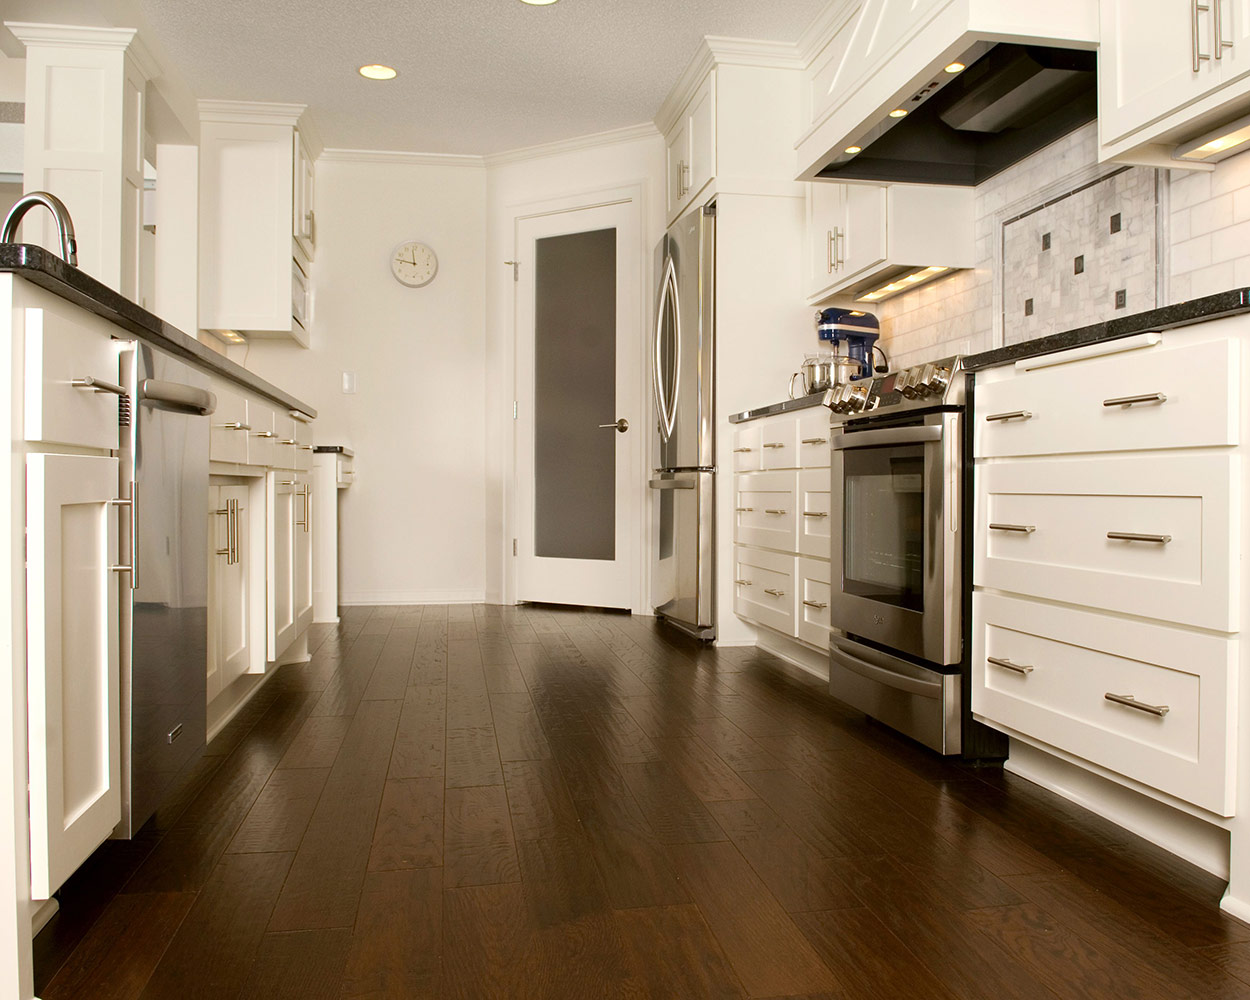 white kitchen cabinets with dark wood floor